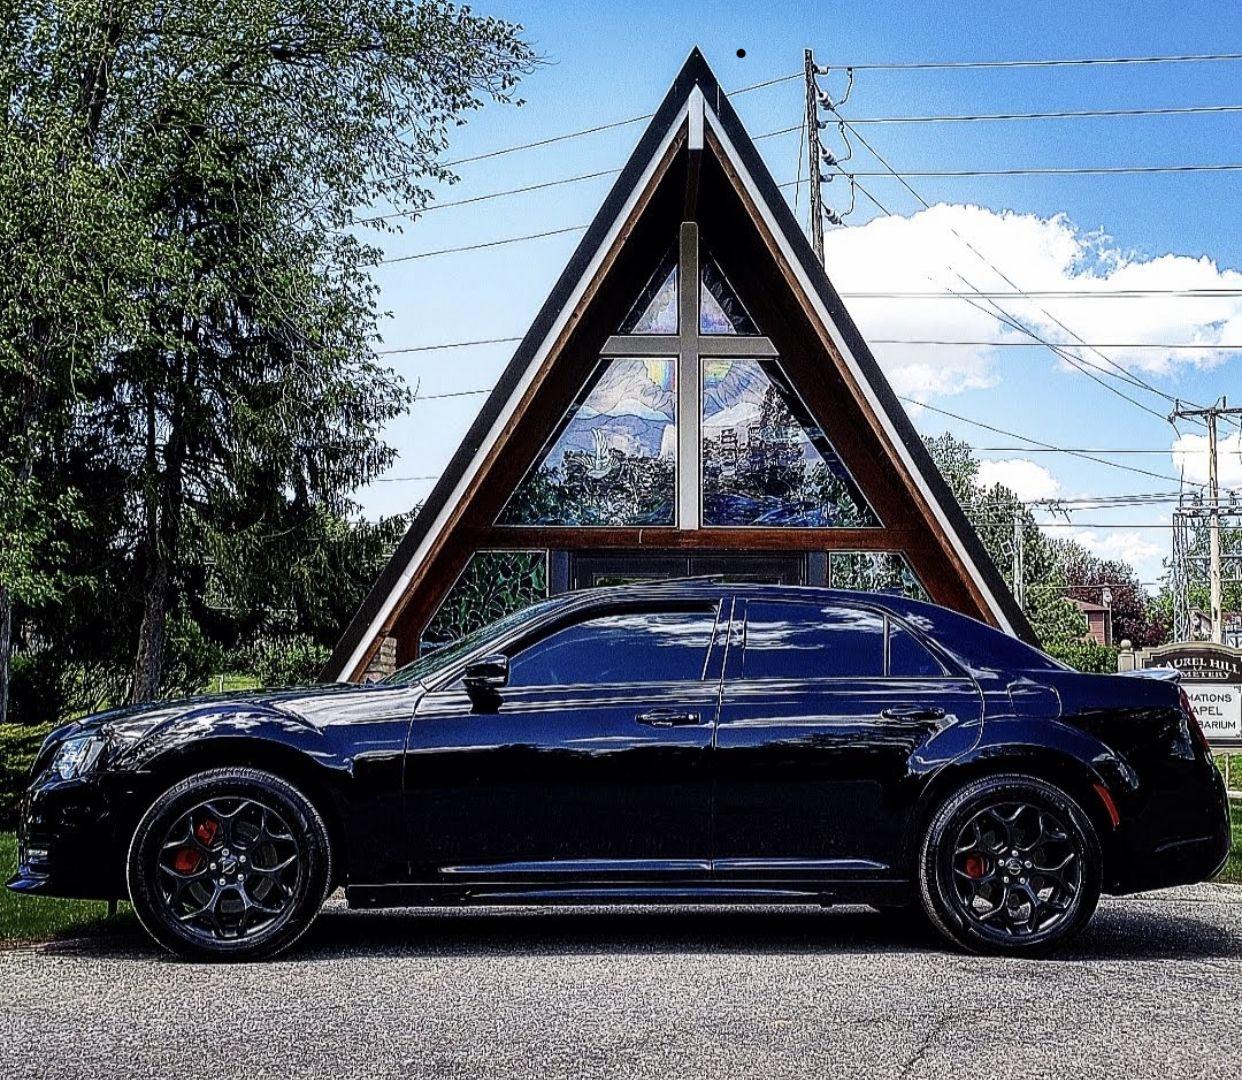 Matte Black Chrysler 300c Hemi Srt 8 Chrysler 300c Chrysler